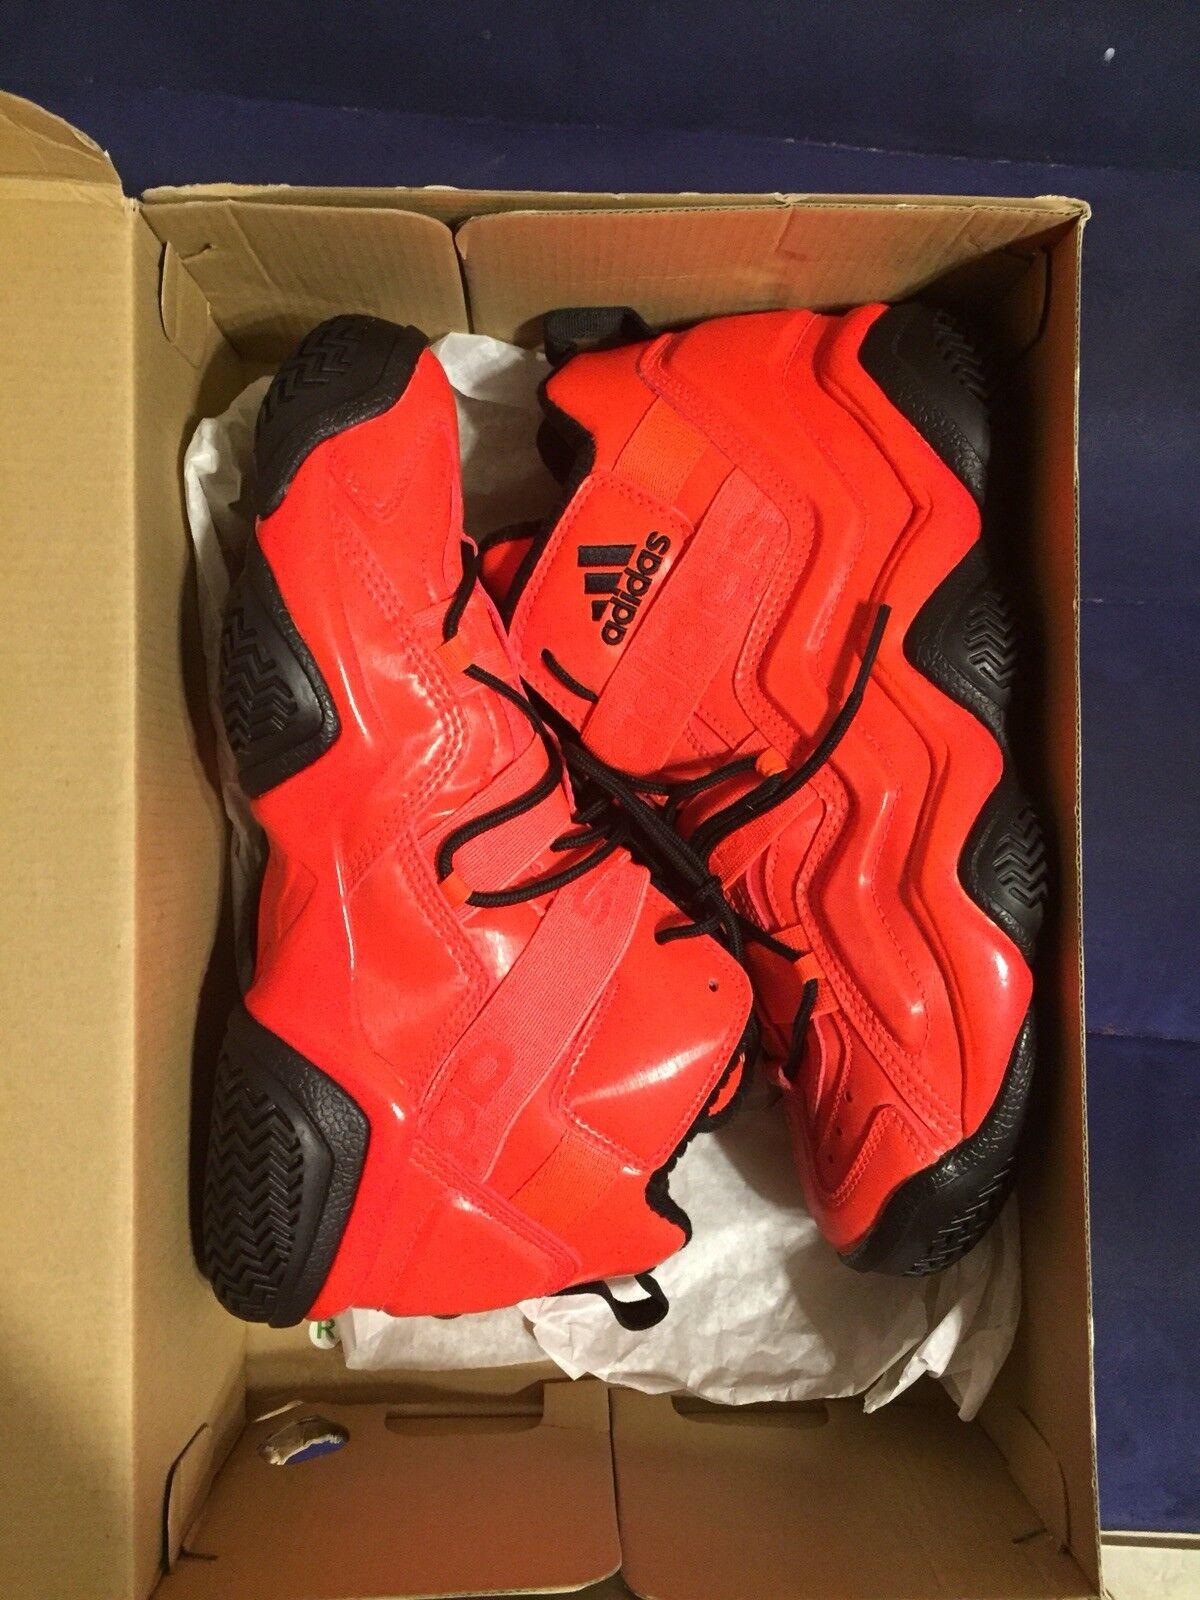 NEW~Adidas TEN TOP TEN NEW~Adidas 2000 CHI CITY crazy eqt 8 Basketball light Shoe~Mens 8.5 CI) f459ad